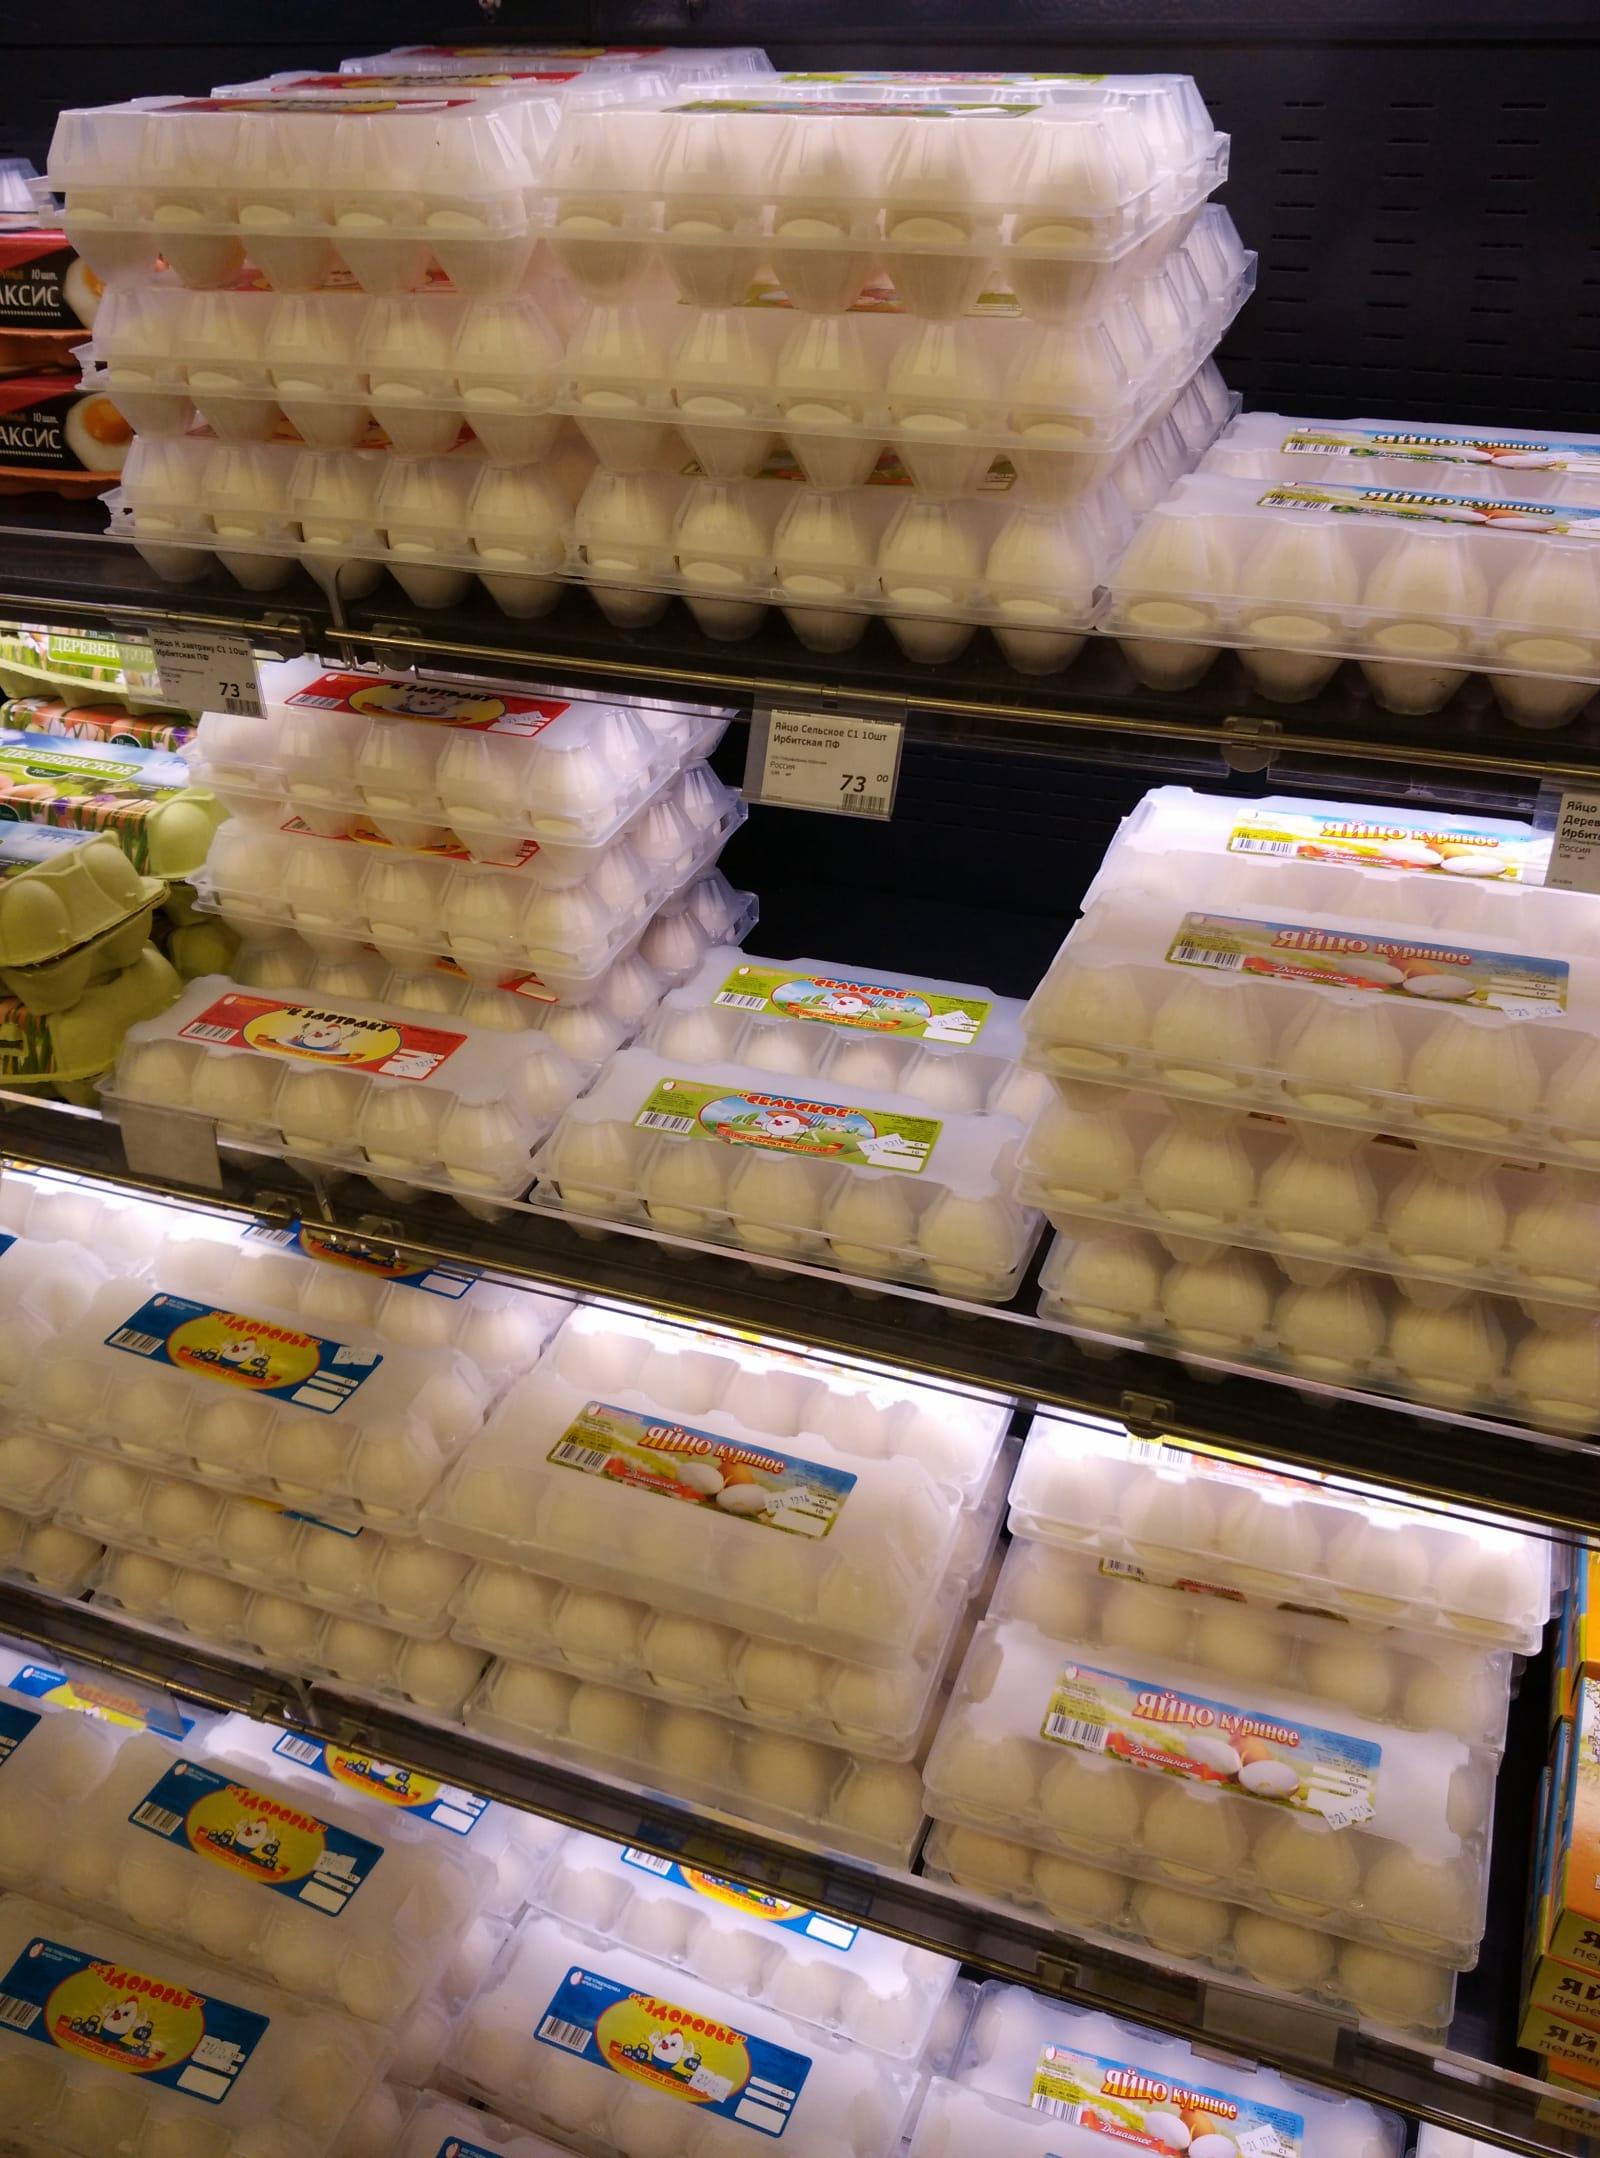 俄罗斯超市鸡蛋|俄罗斯留学物价|俄罗斯超市物价|俄罗斯留学